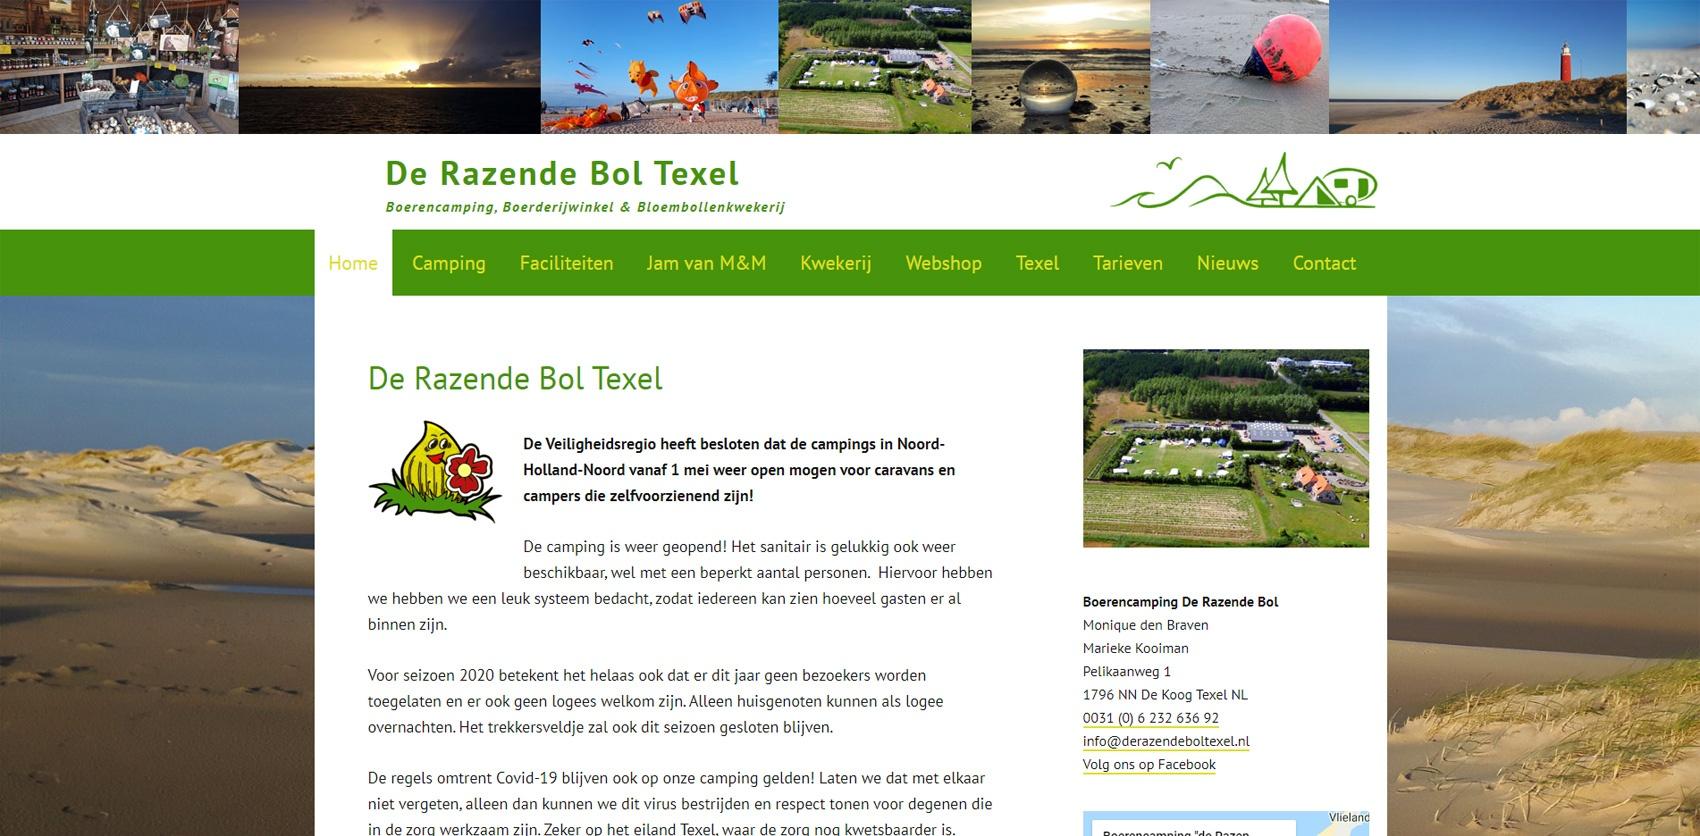 De Razende Bol Texel